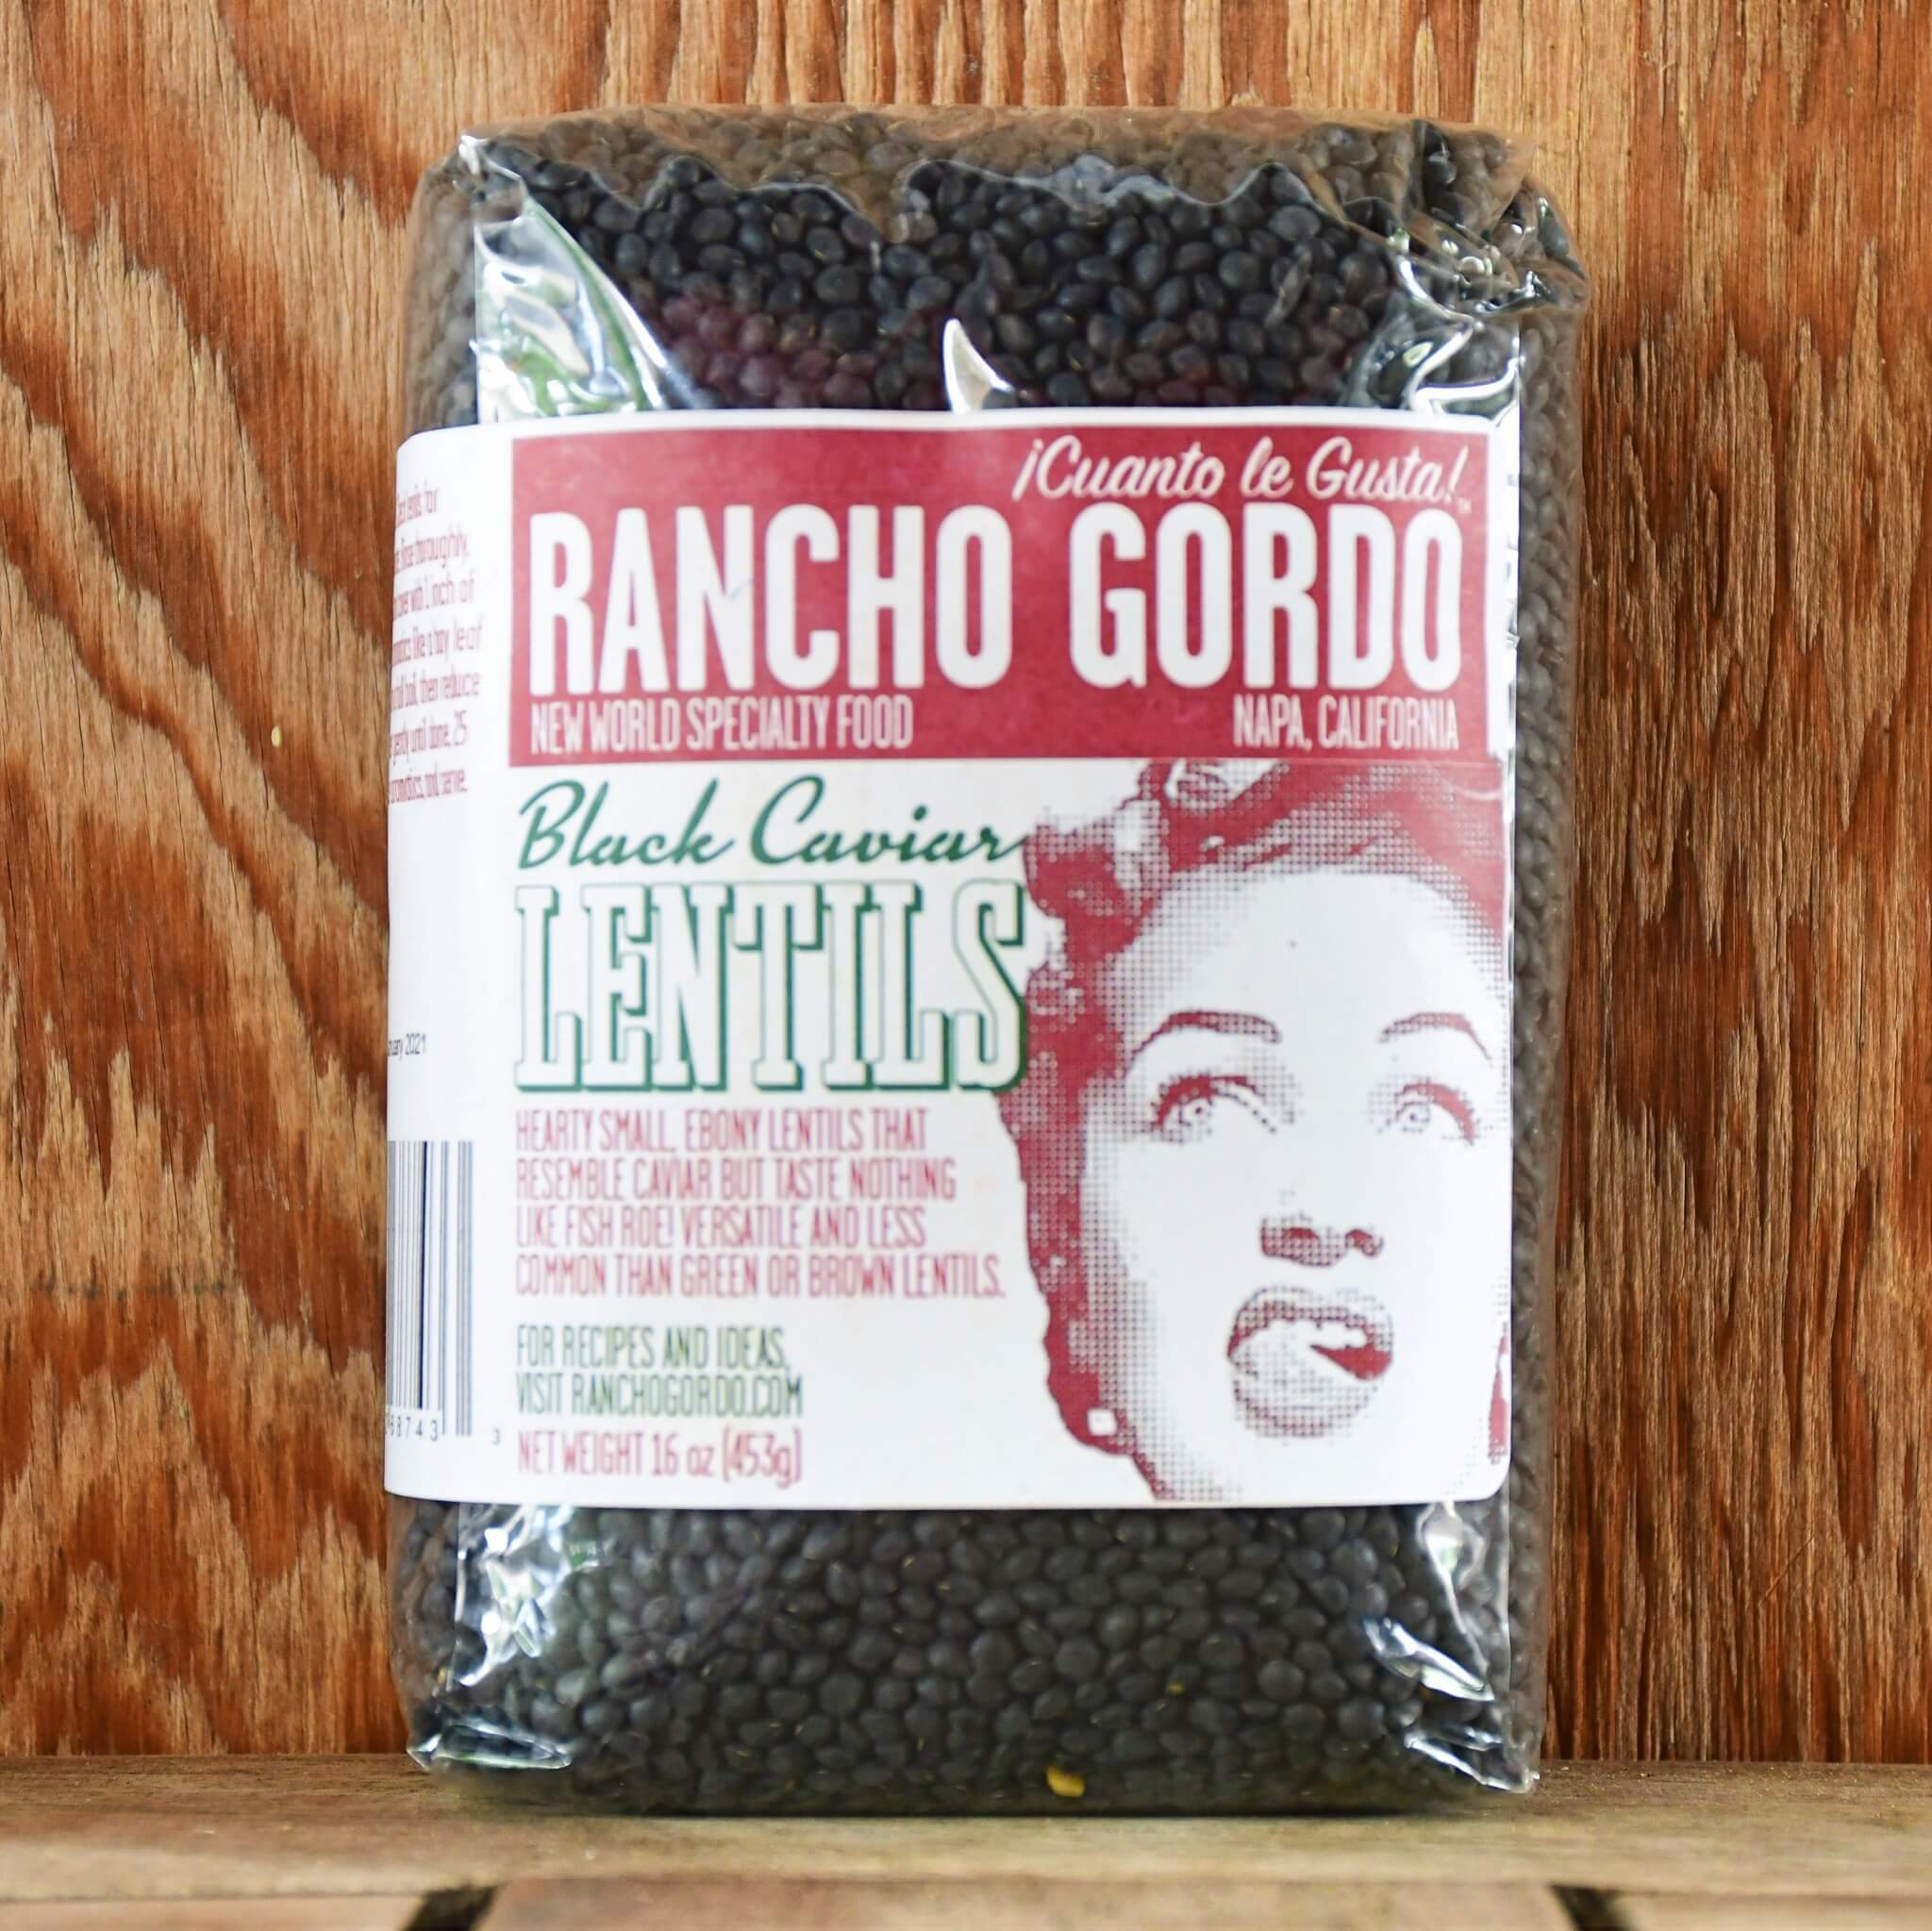 Black Caviar Lentils